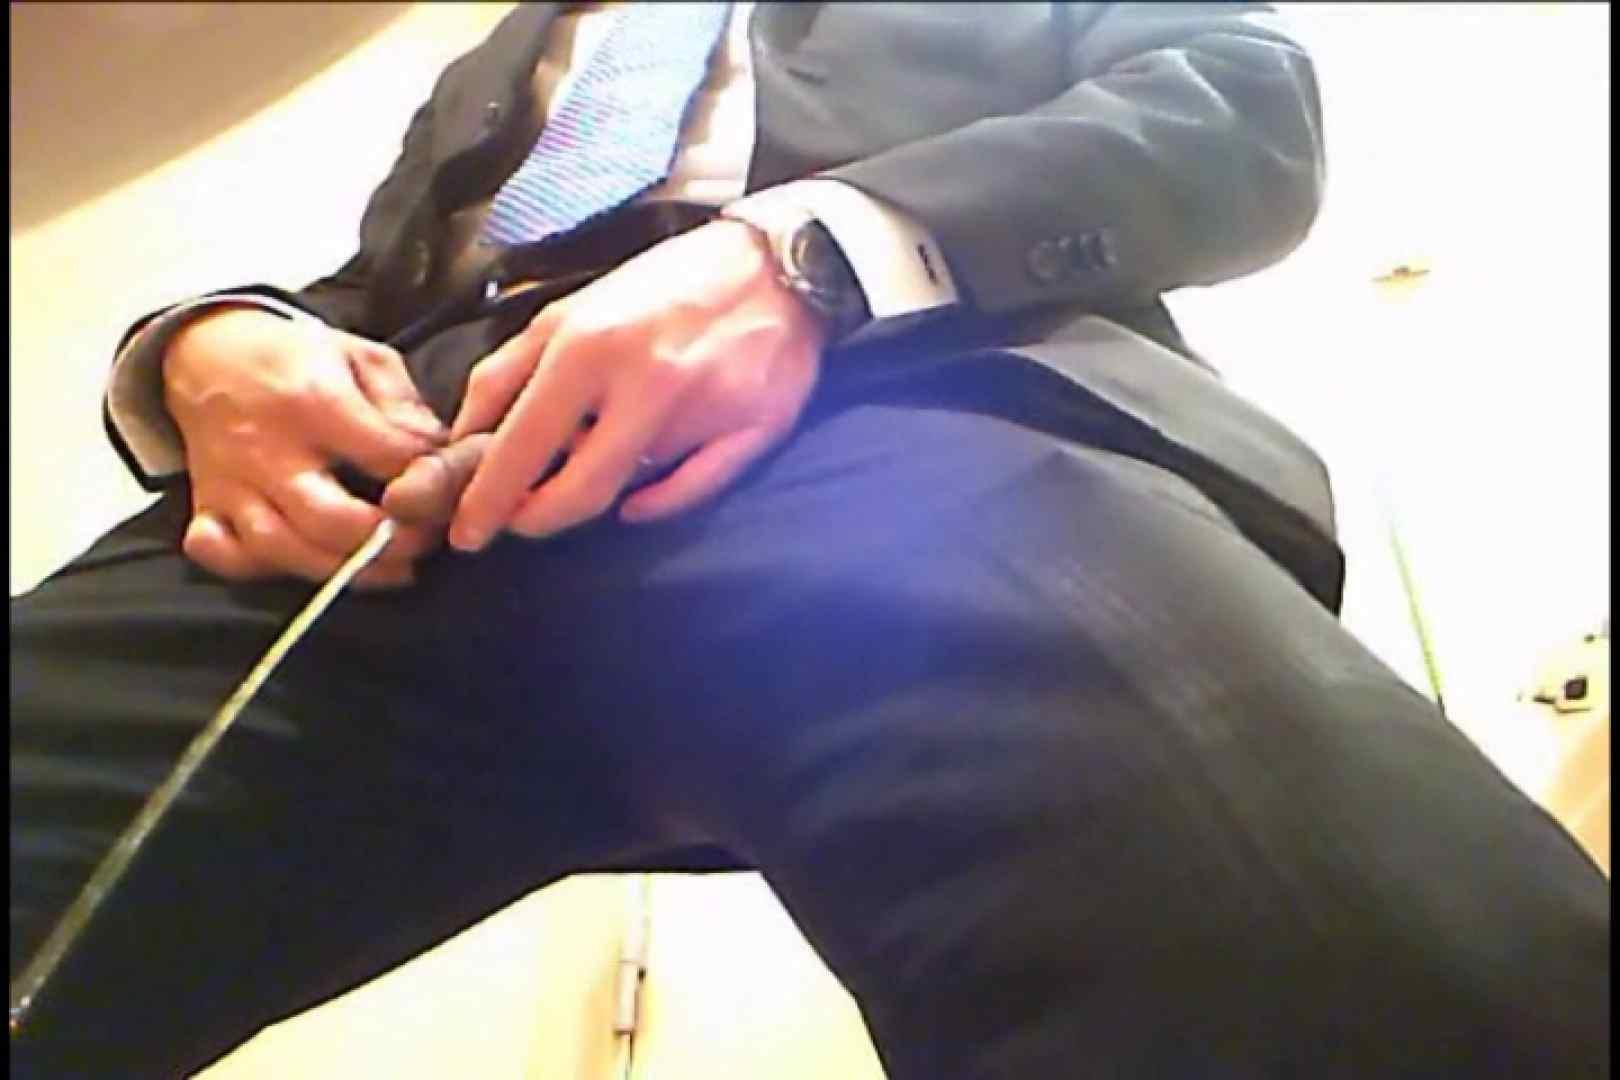 Gボーイ初投稿!掴み取りさんの洗面所覗き!in新幹線!VOL.05 おやじ熊系男子 ゲイアダルト画像 96枚 30